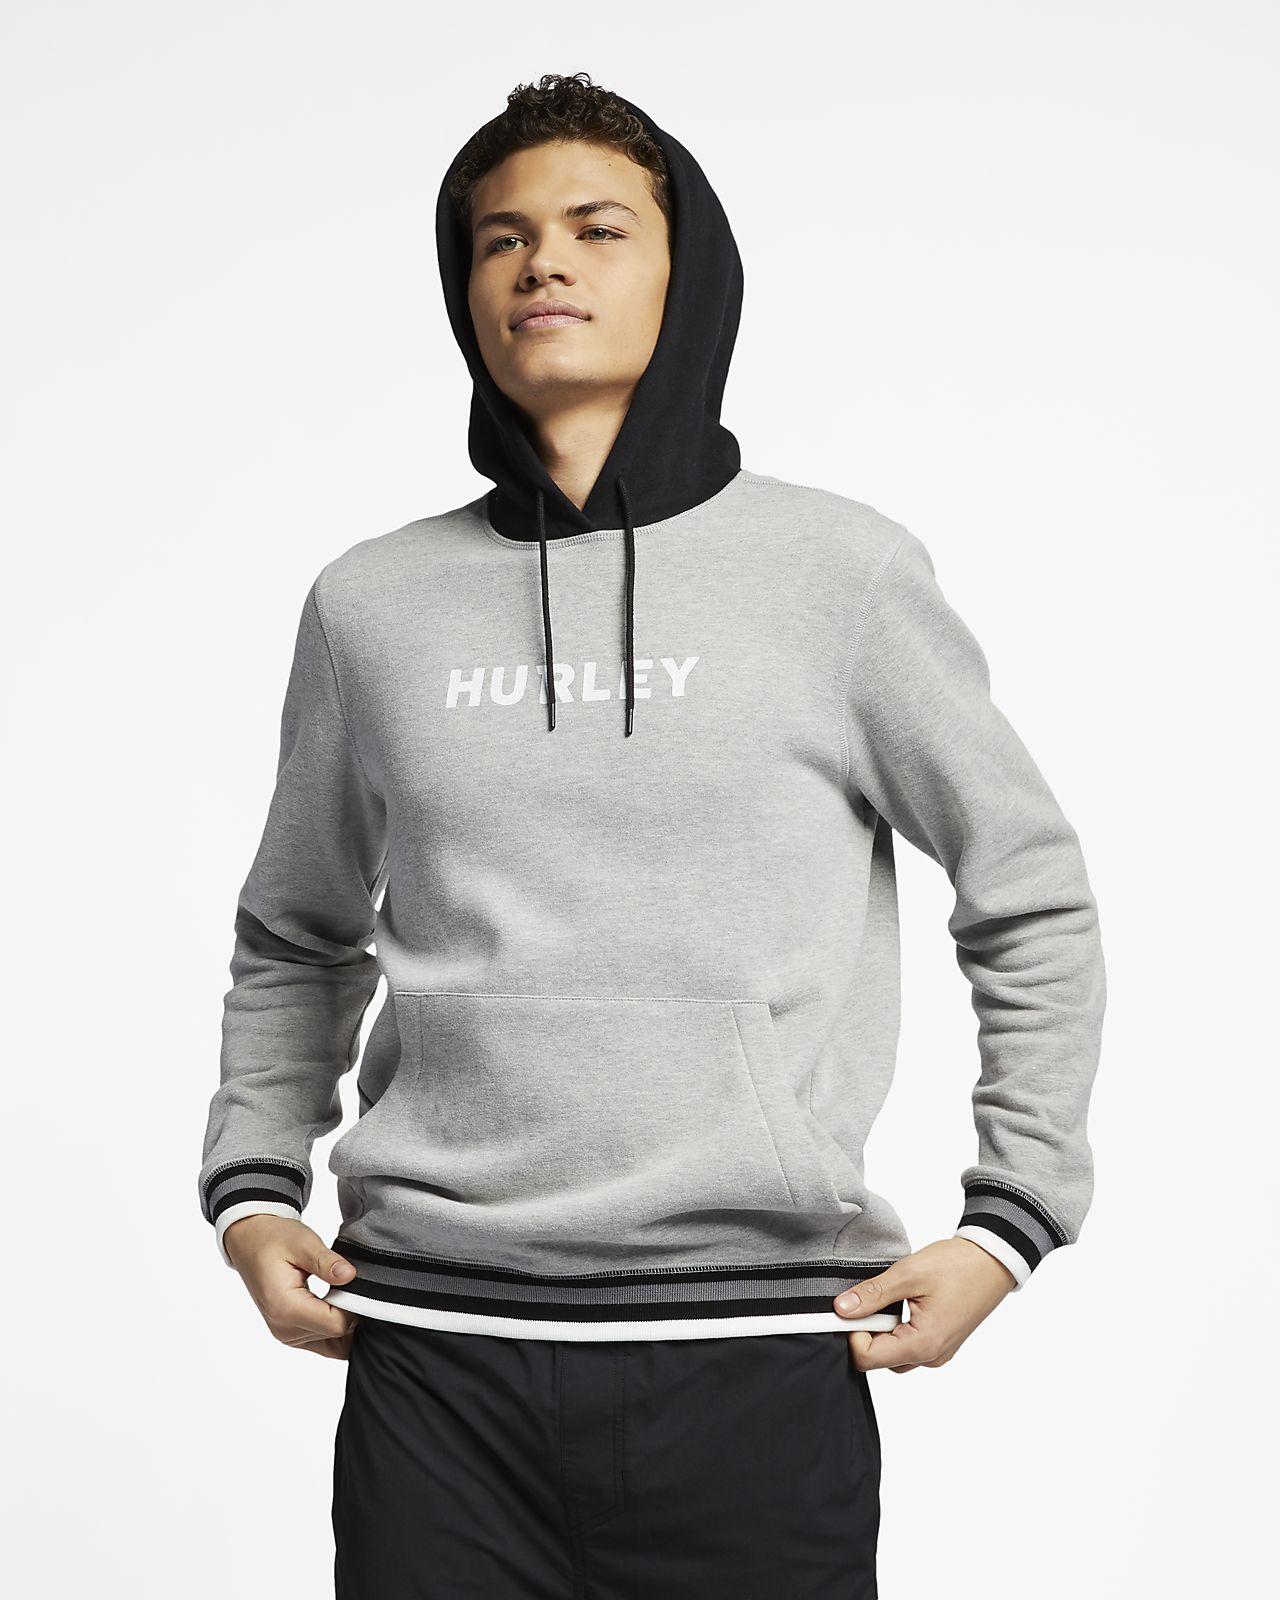 Hurley East Coast Men's Fleece Pullover Hoodie